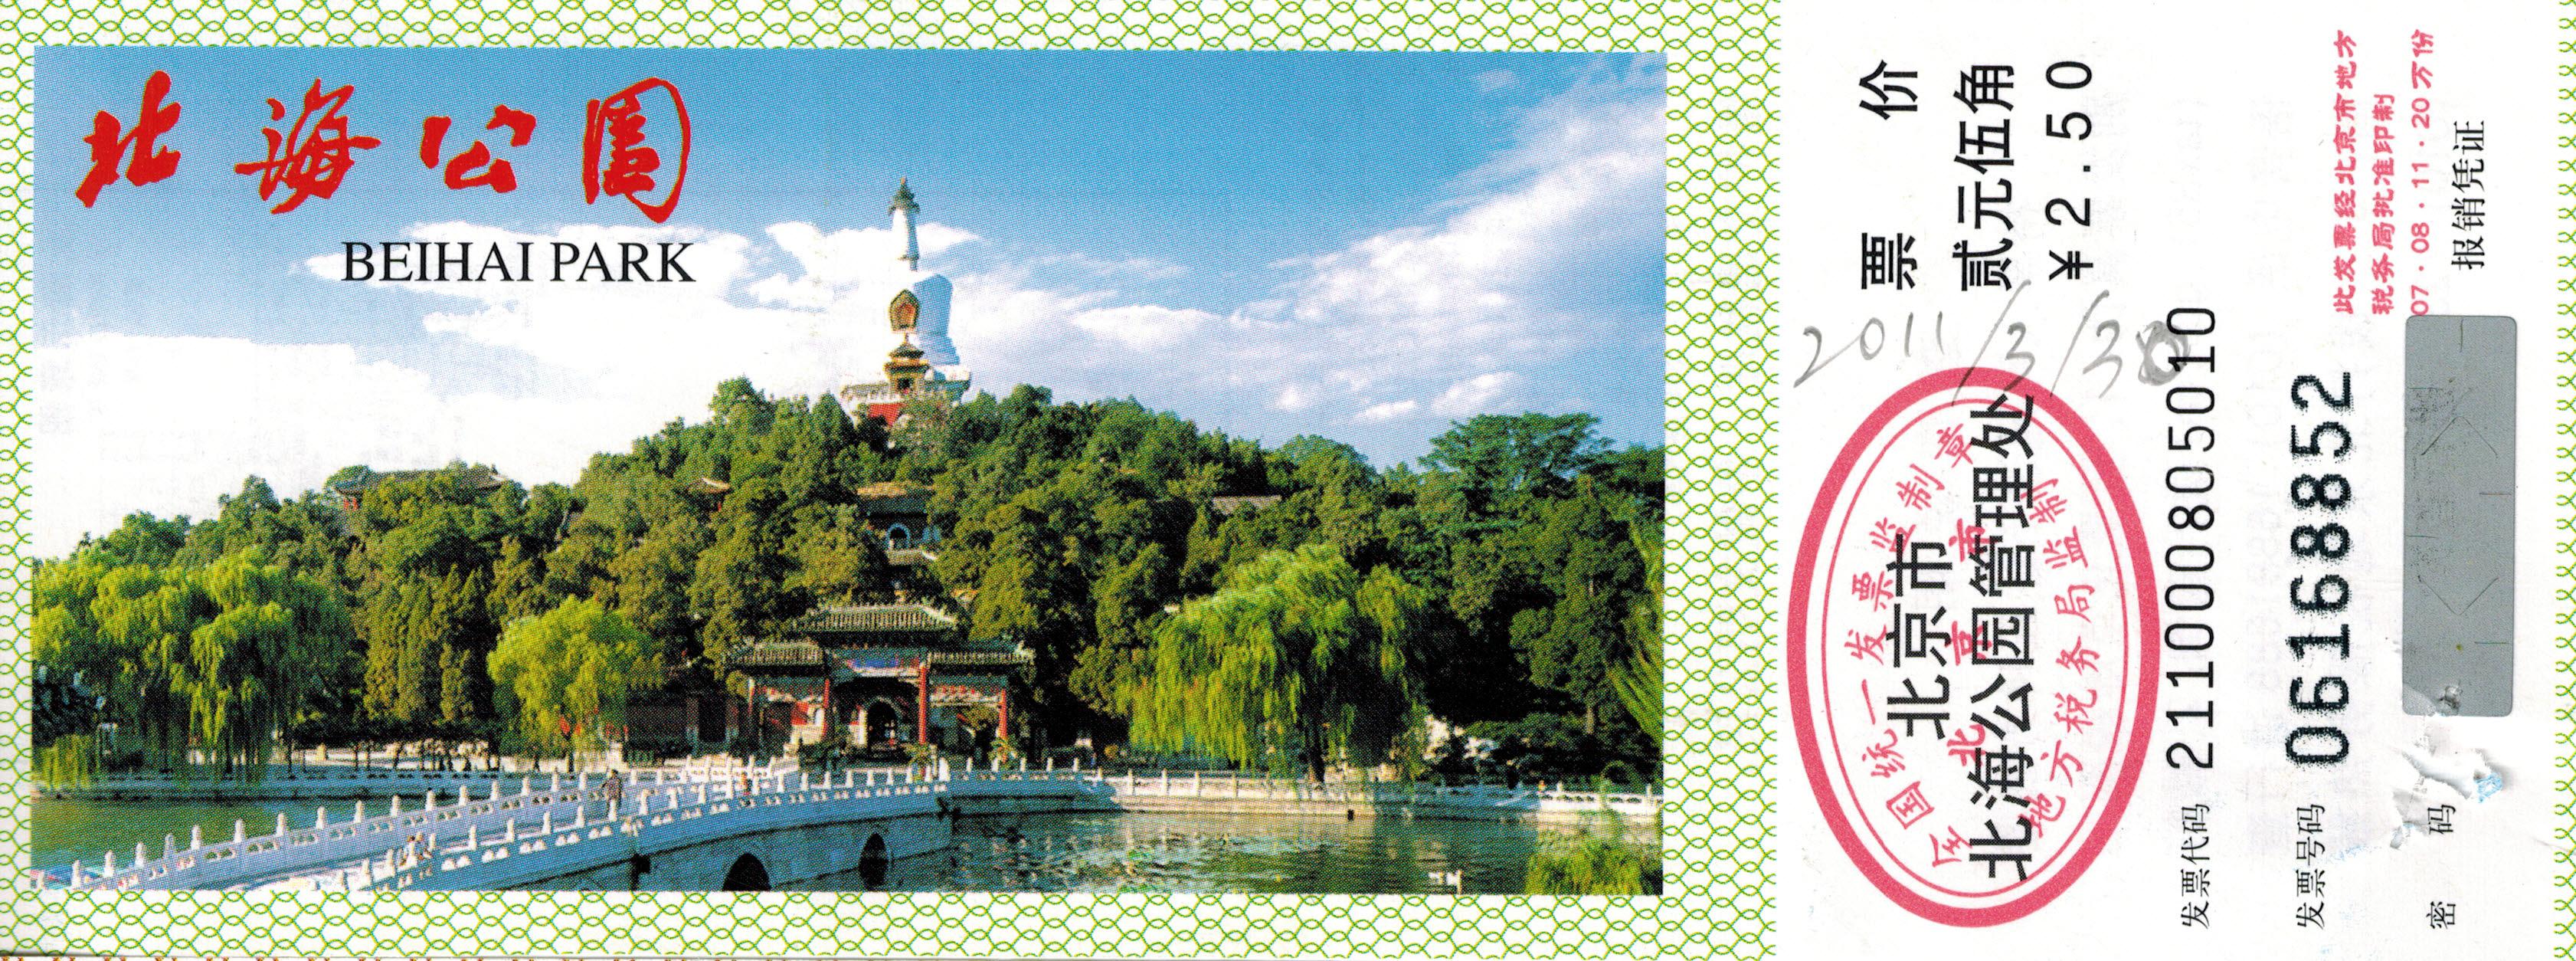 北京钱其_2013的北京公园门票怎么办的?多少钱?